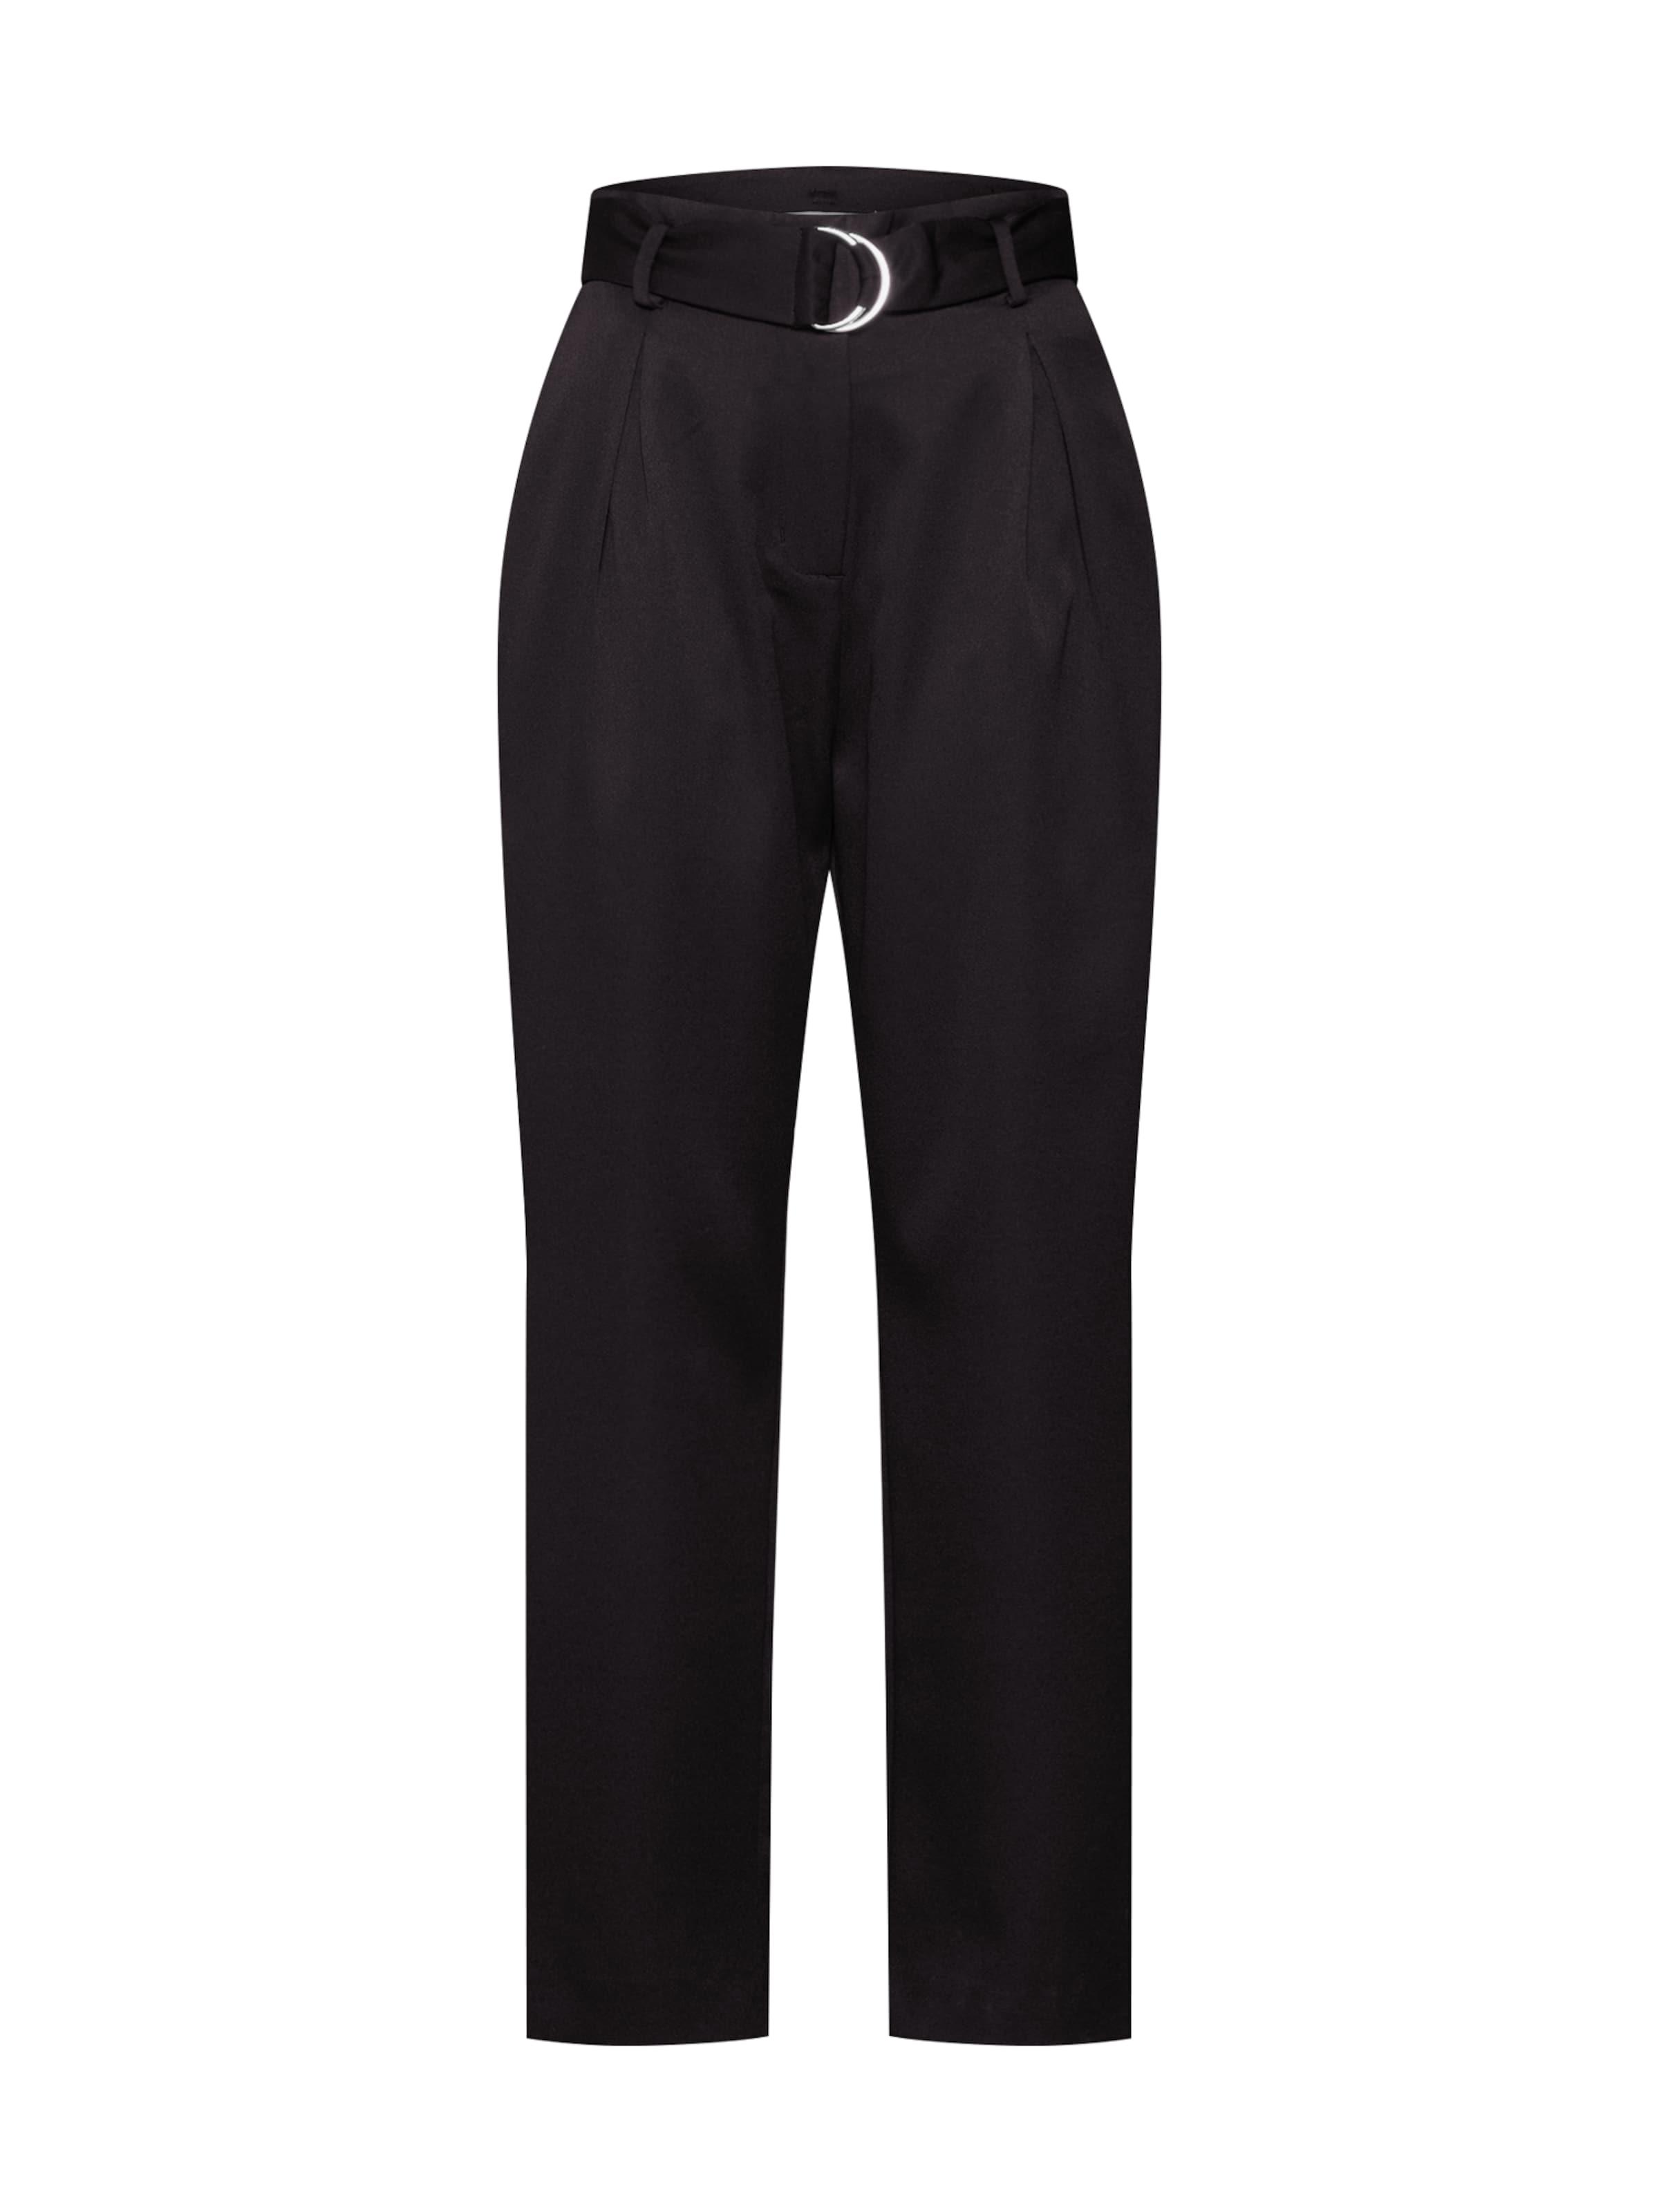 'ea0420' En À Pince Glamorous Pantalon Noir drhtCxBsQ